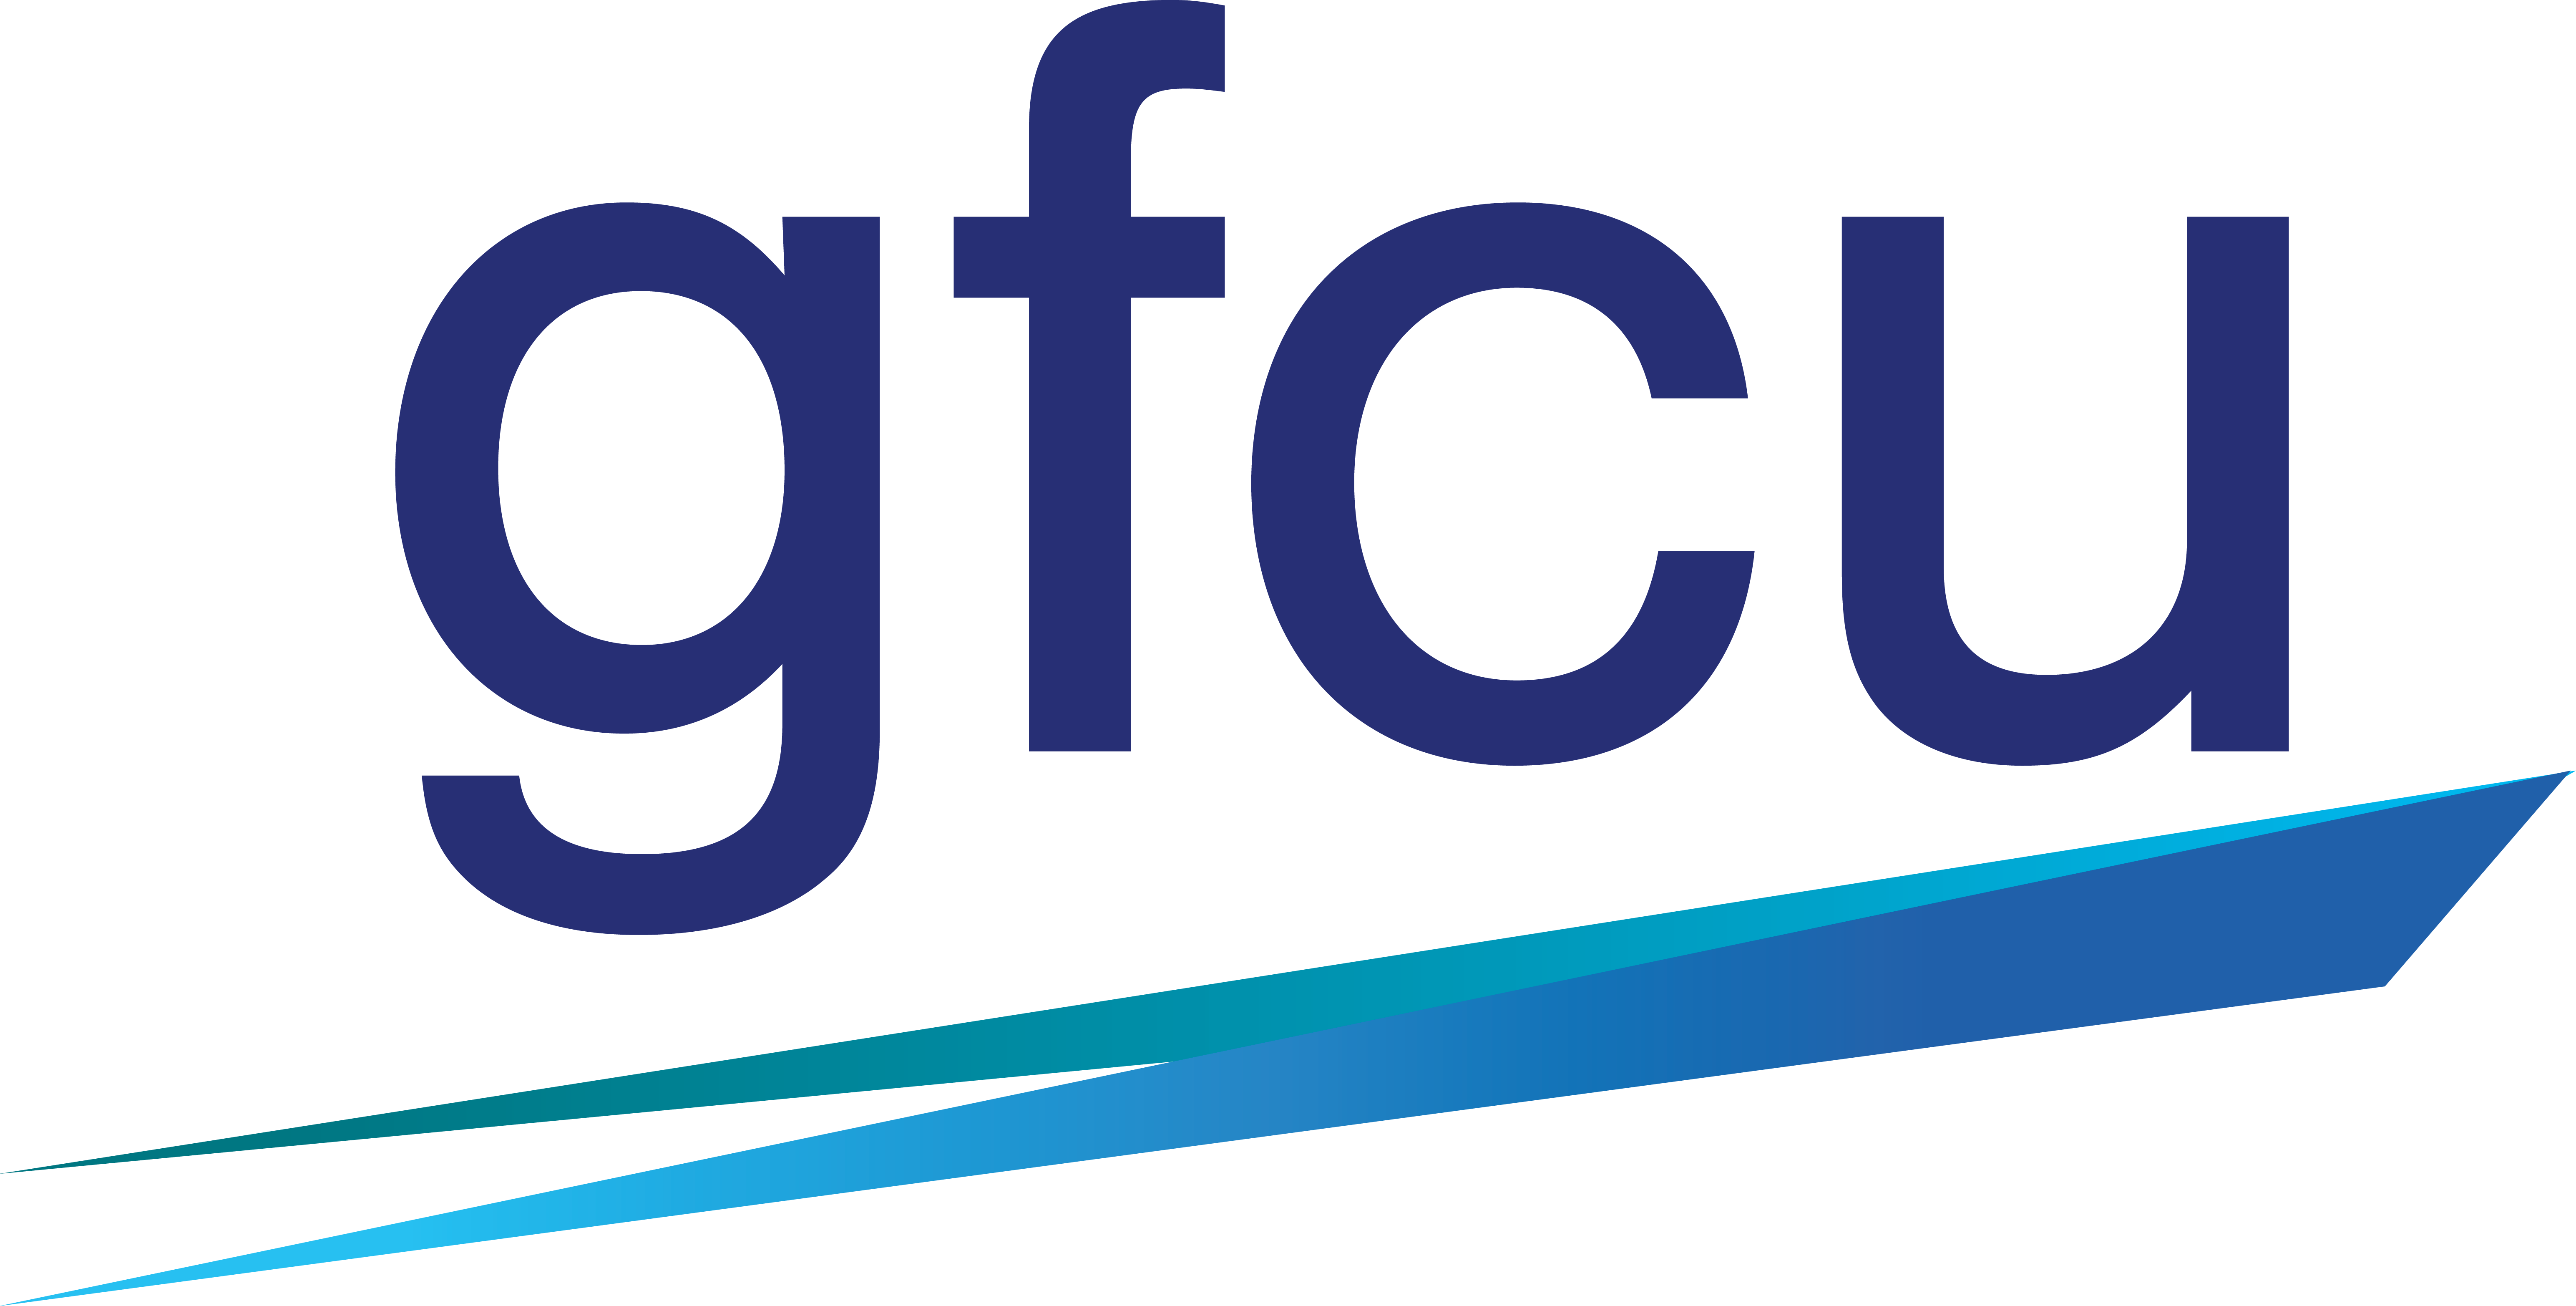 GFCU - Logo